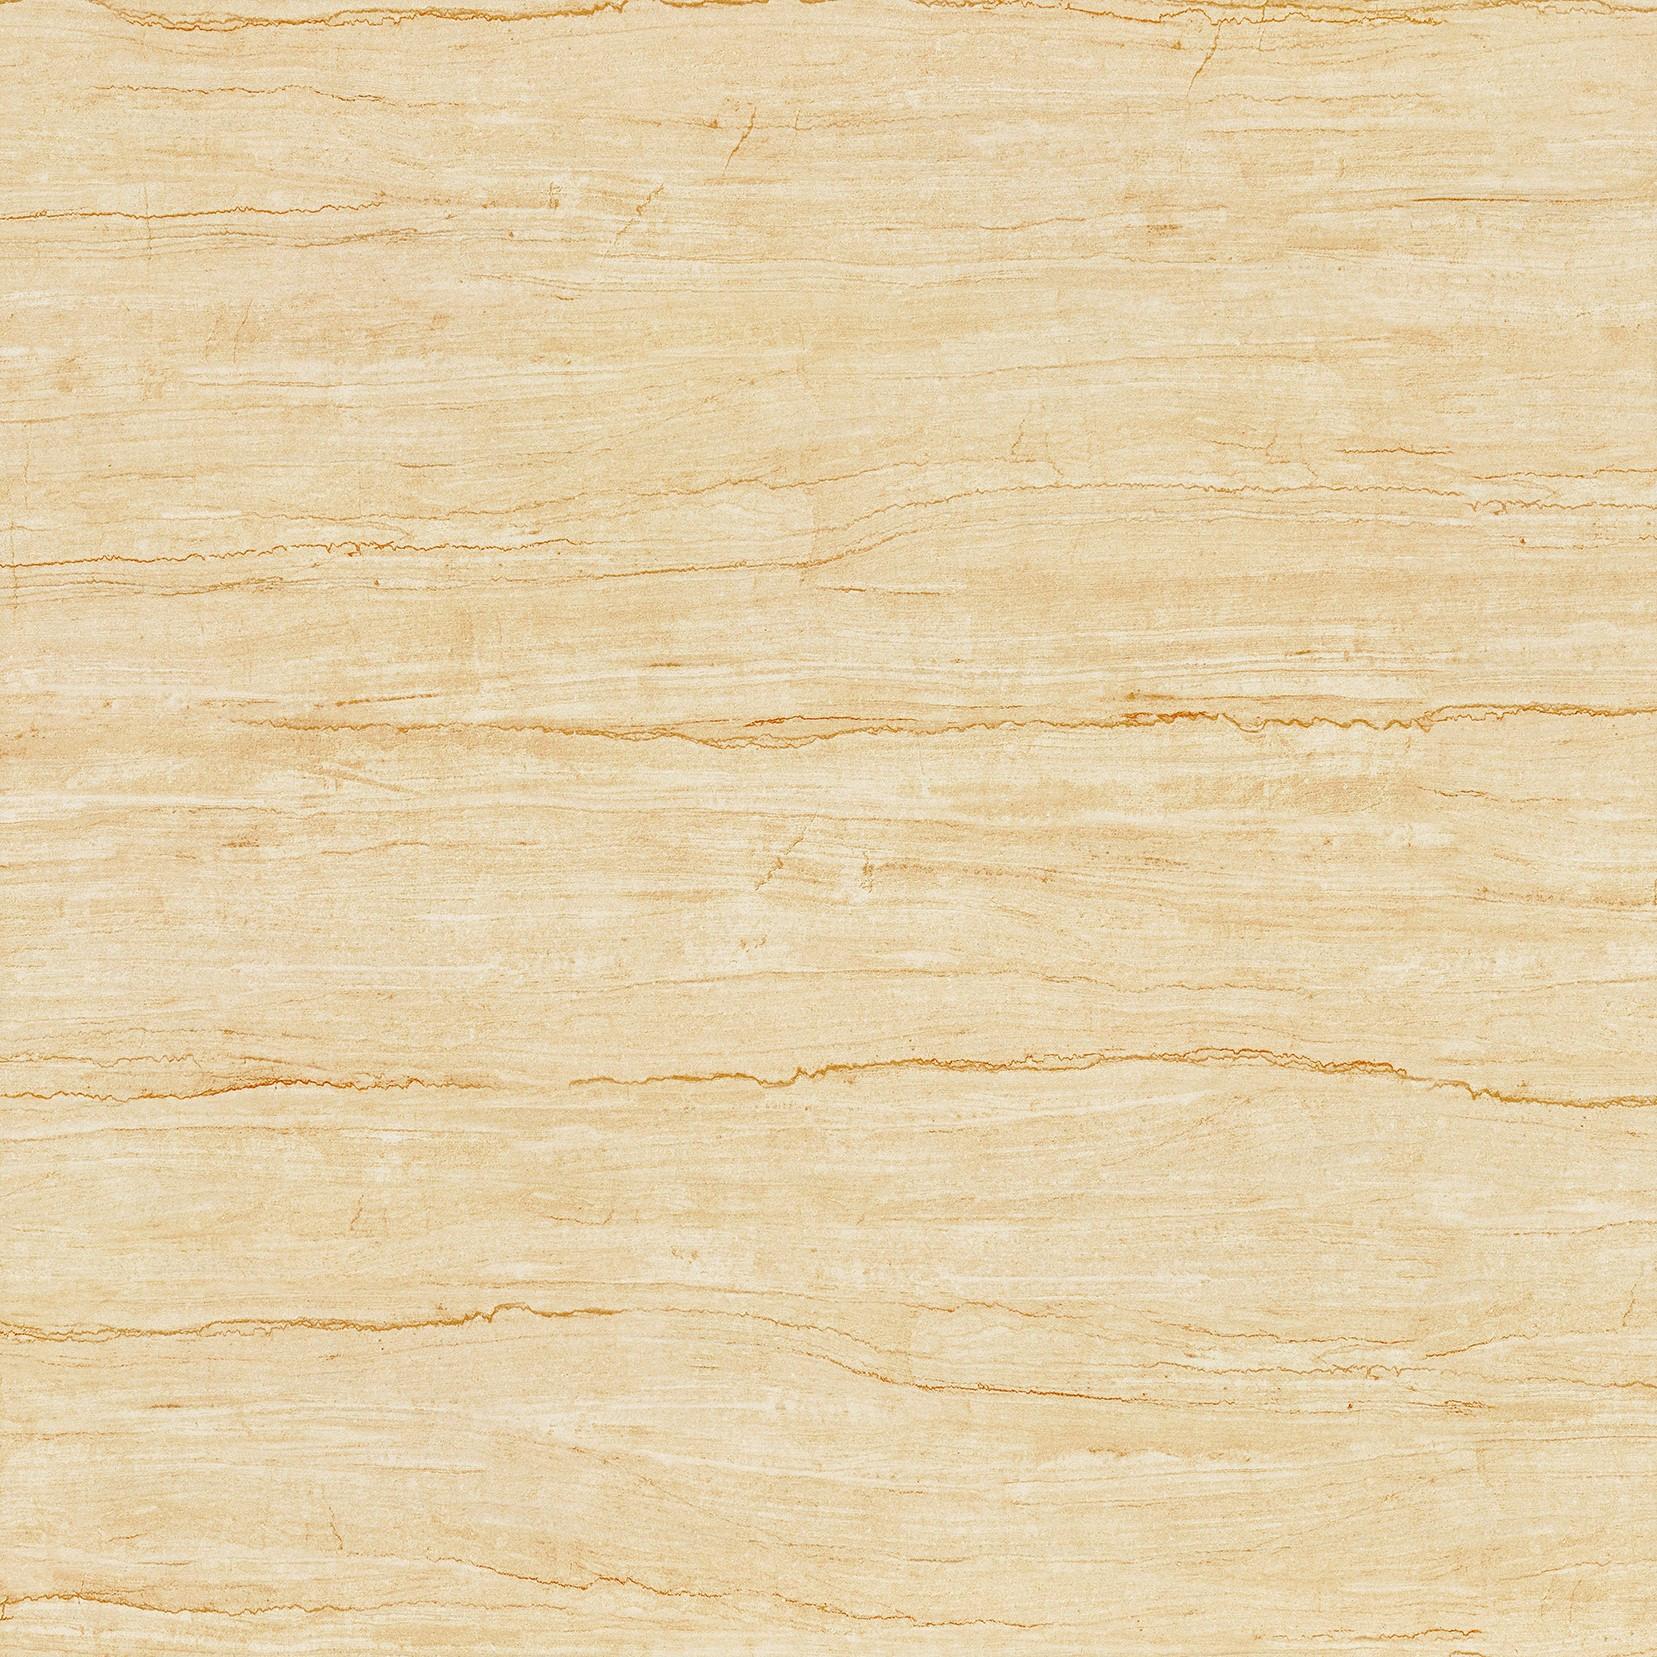 新濠陶瓷·大理石系列·伊朗银杏木纹X1SC8007